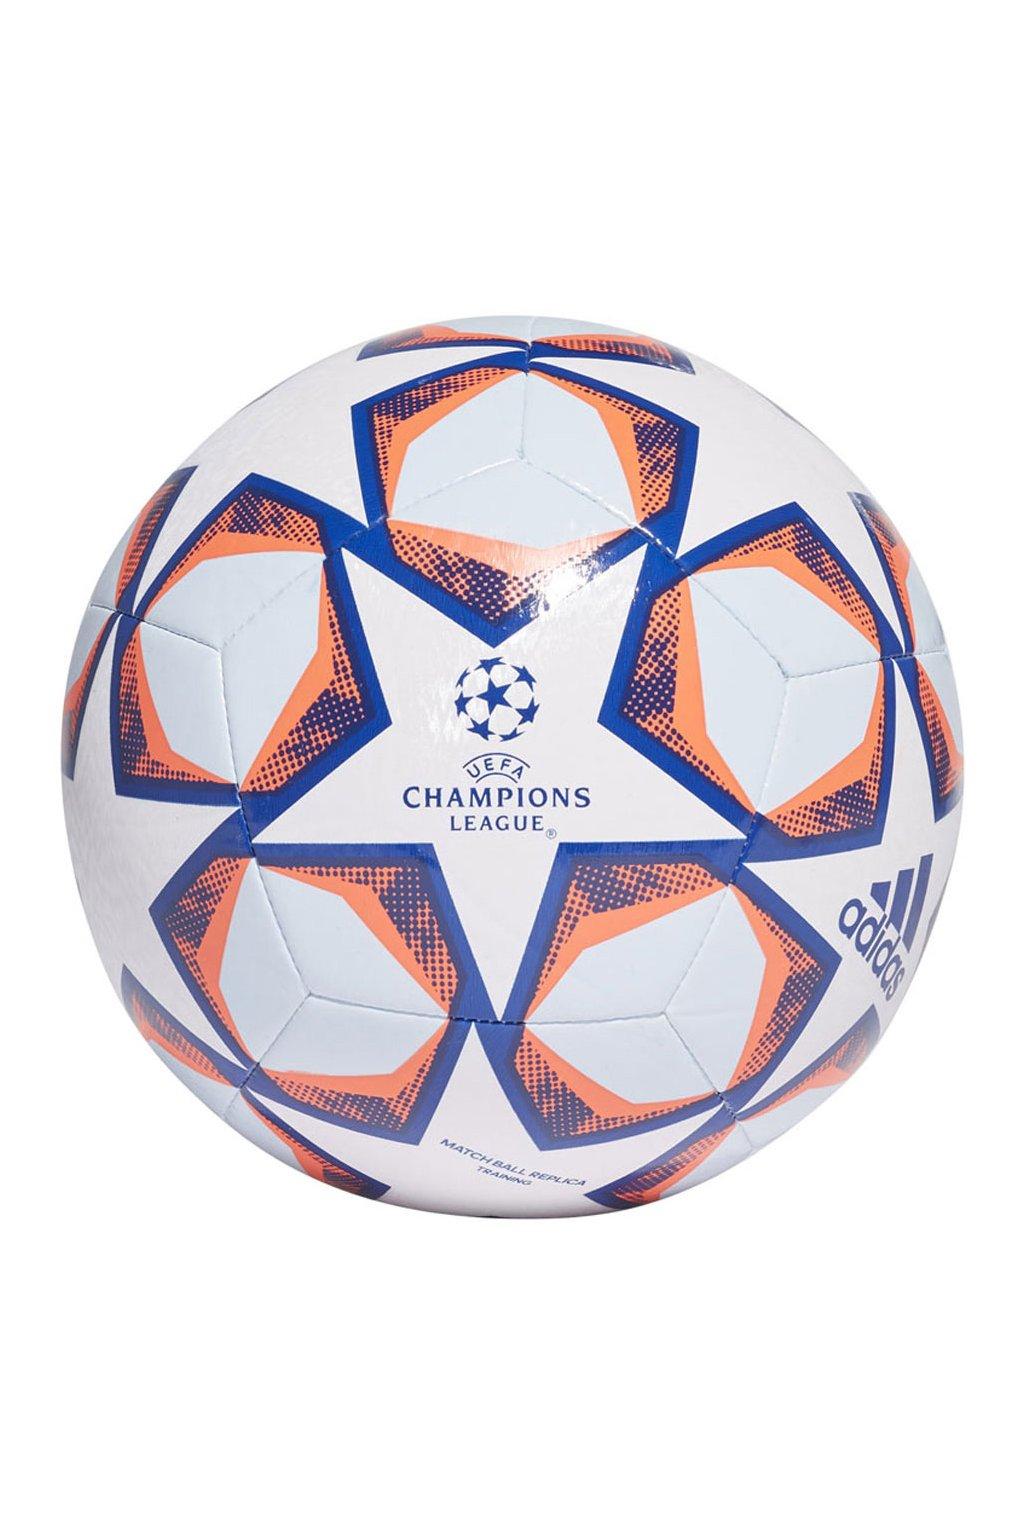 Futbalová lopta Adidas Finale 20 Training GI8597 bielo-modro-oranžová